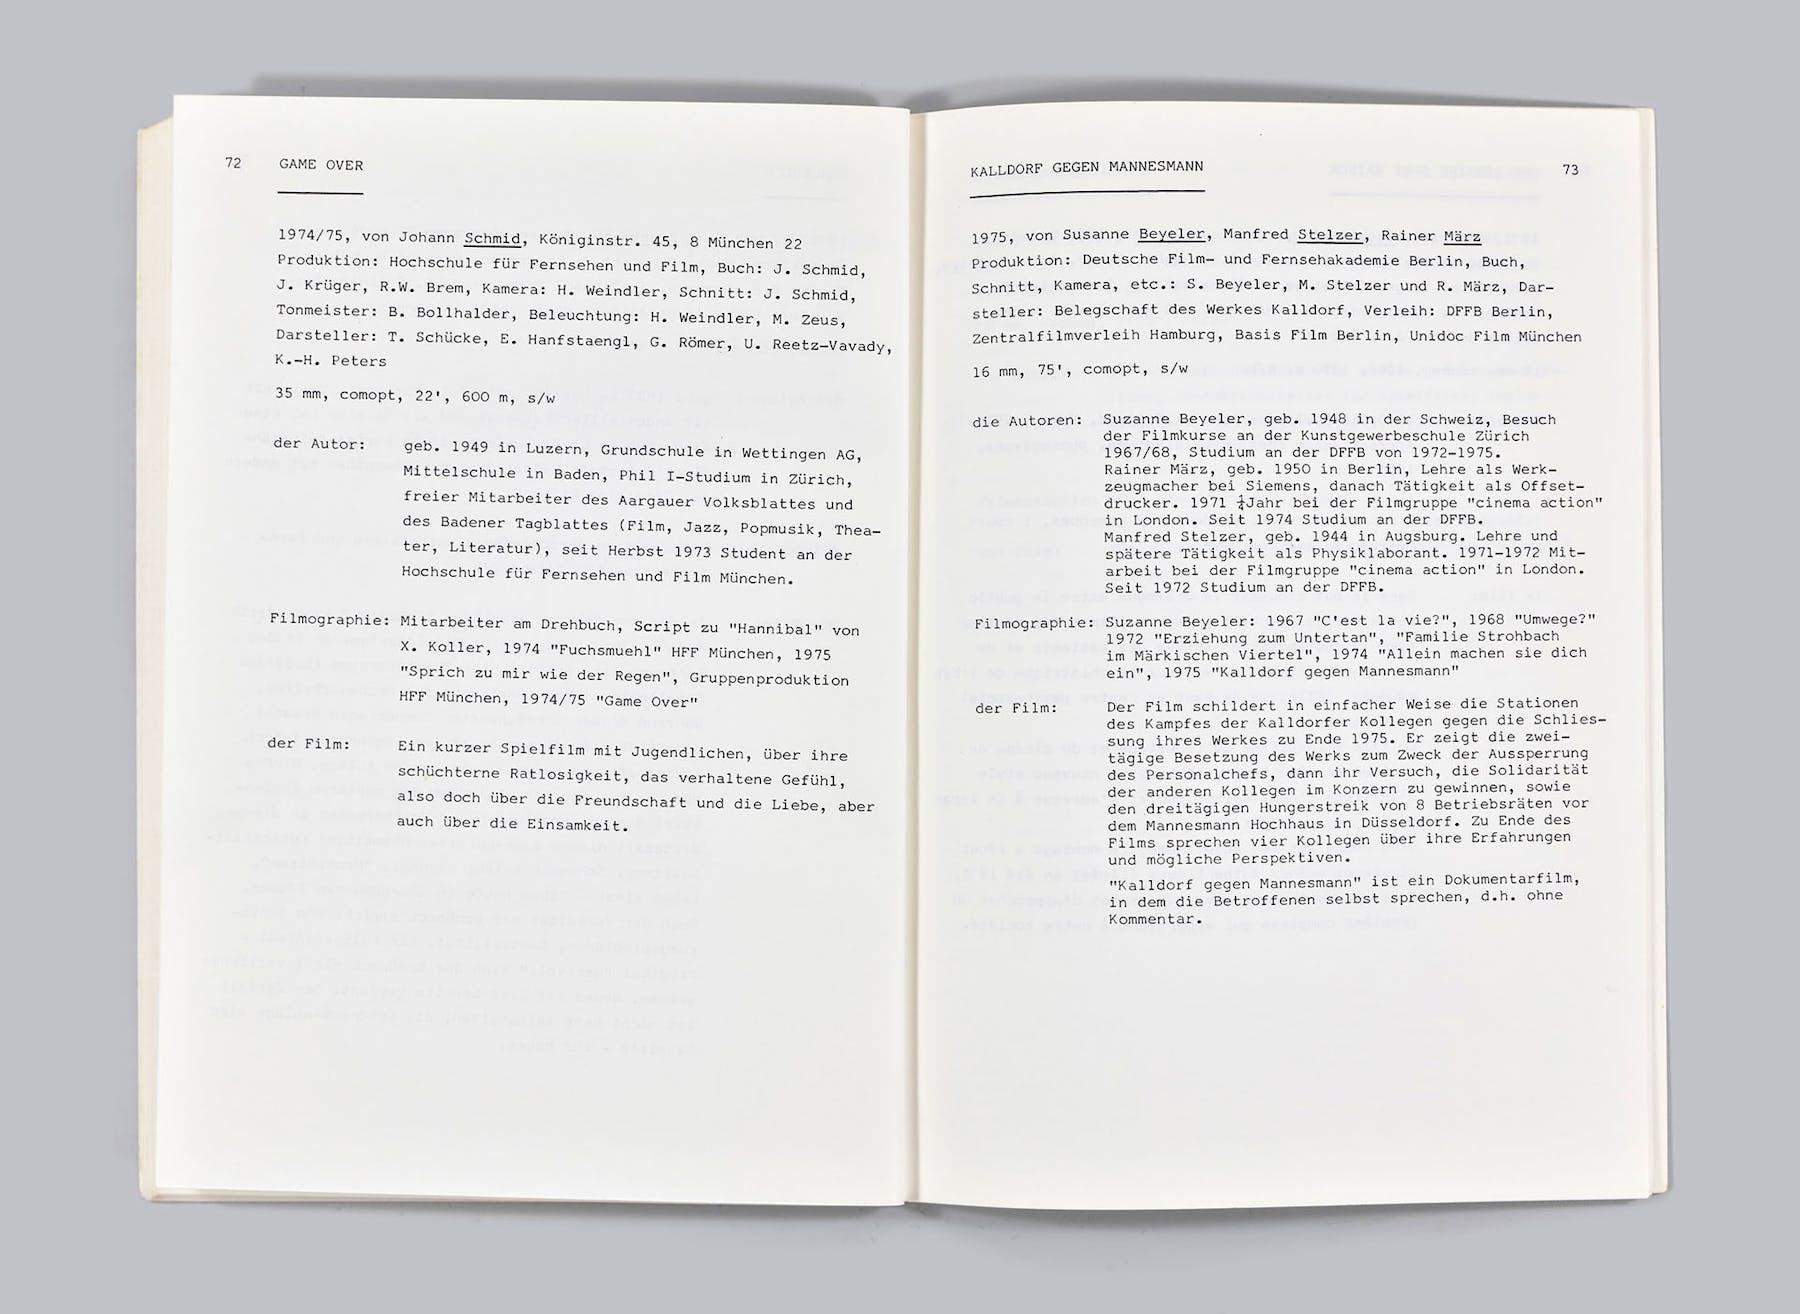 Bild 1 von Kalldorf gegen Mannesmann